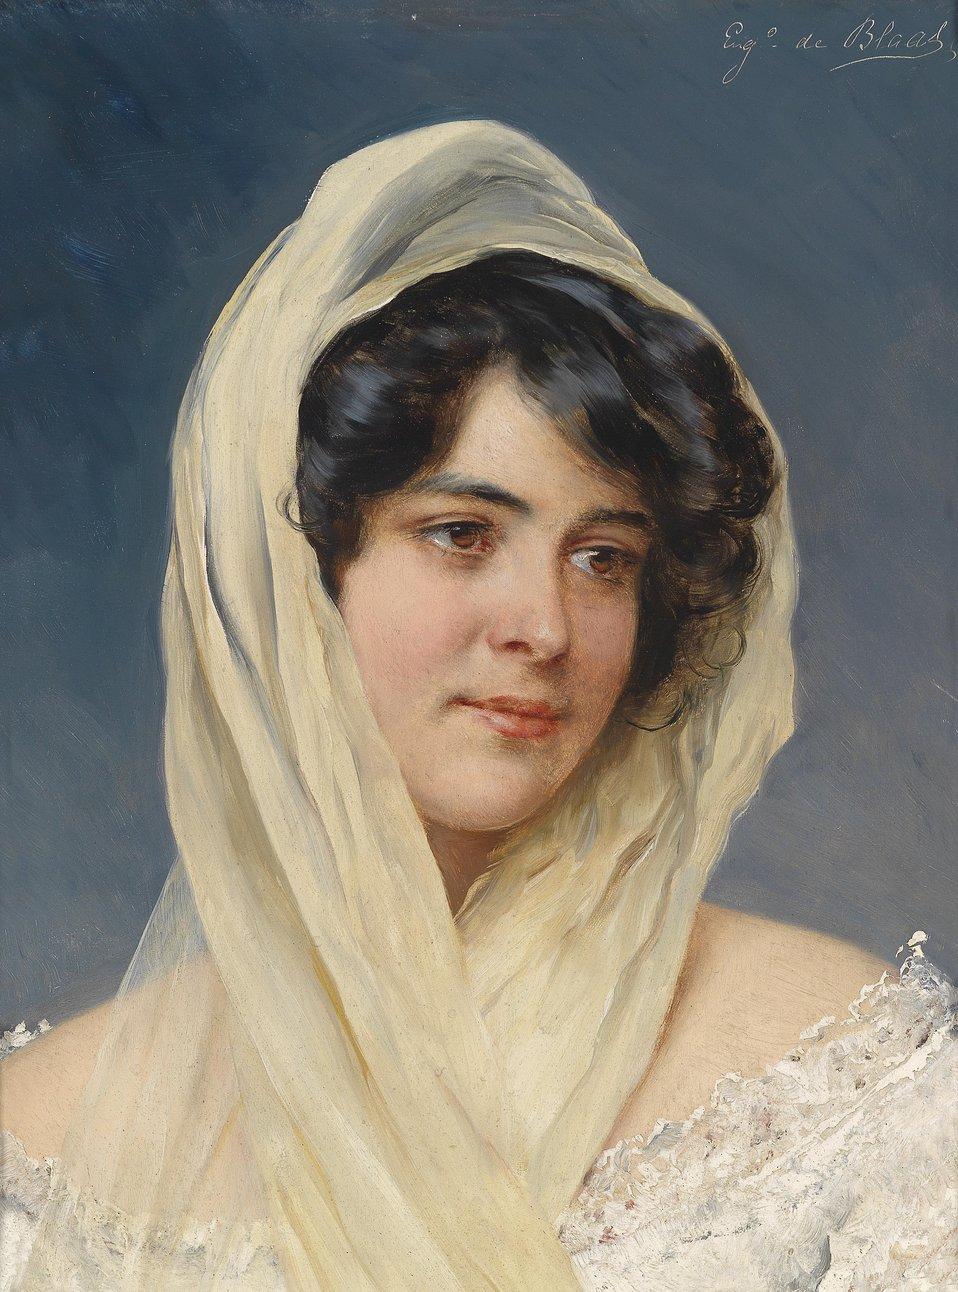 Bildnis einer jungen Dame mit Schleier, signiert 'Eug. de Blaas', Öl auf Holz, 35,5 x 26,3 cm